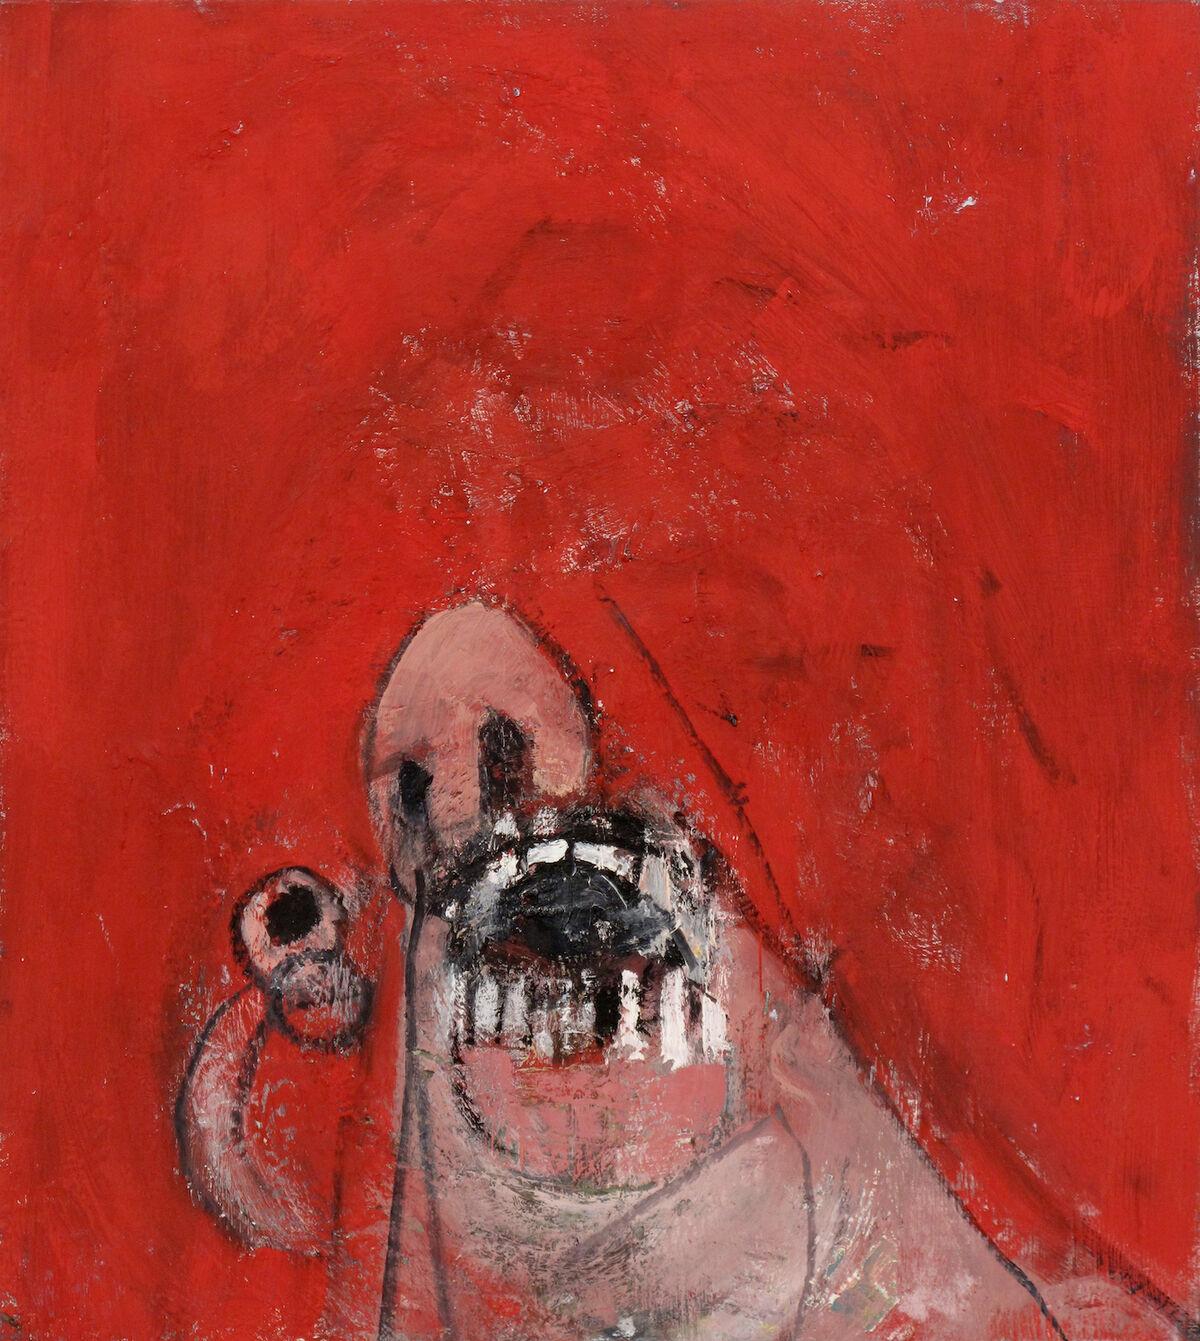 Jonas Wood, Untitled, 2002. © Jonas Wood. Courtesy of the artist.